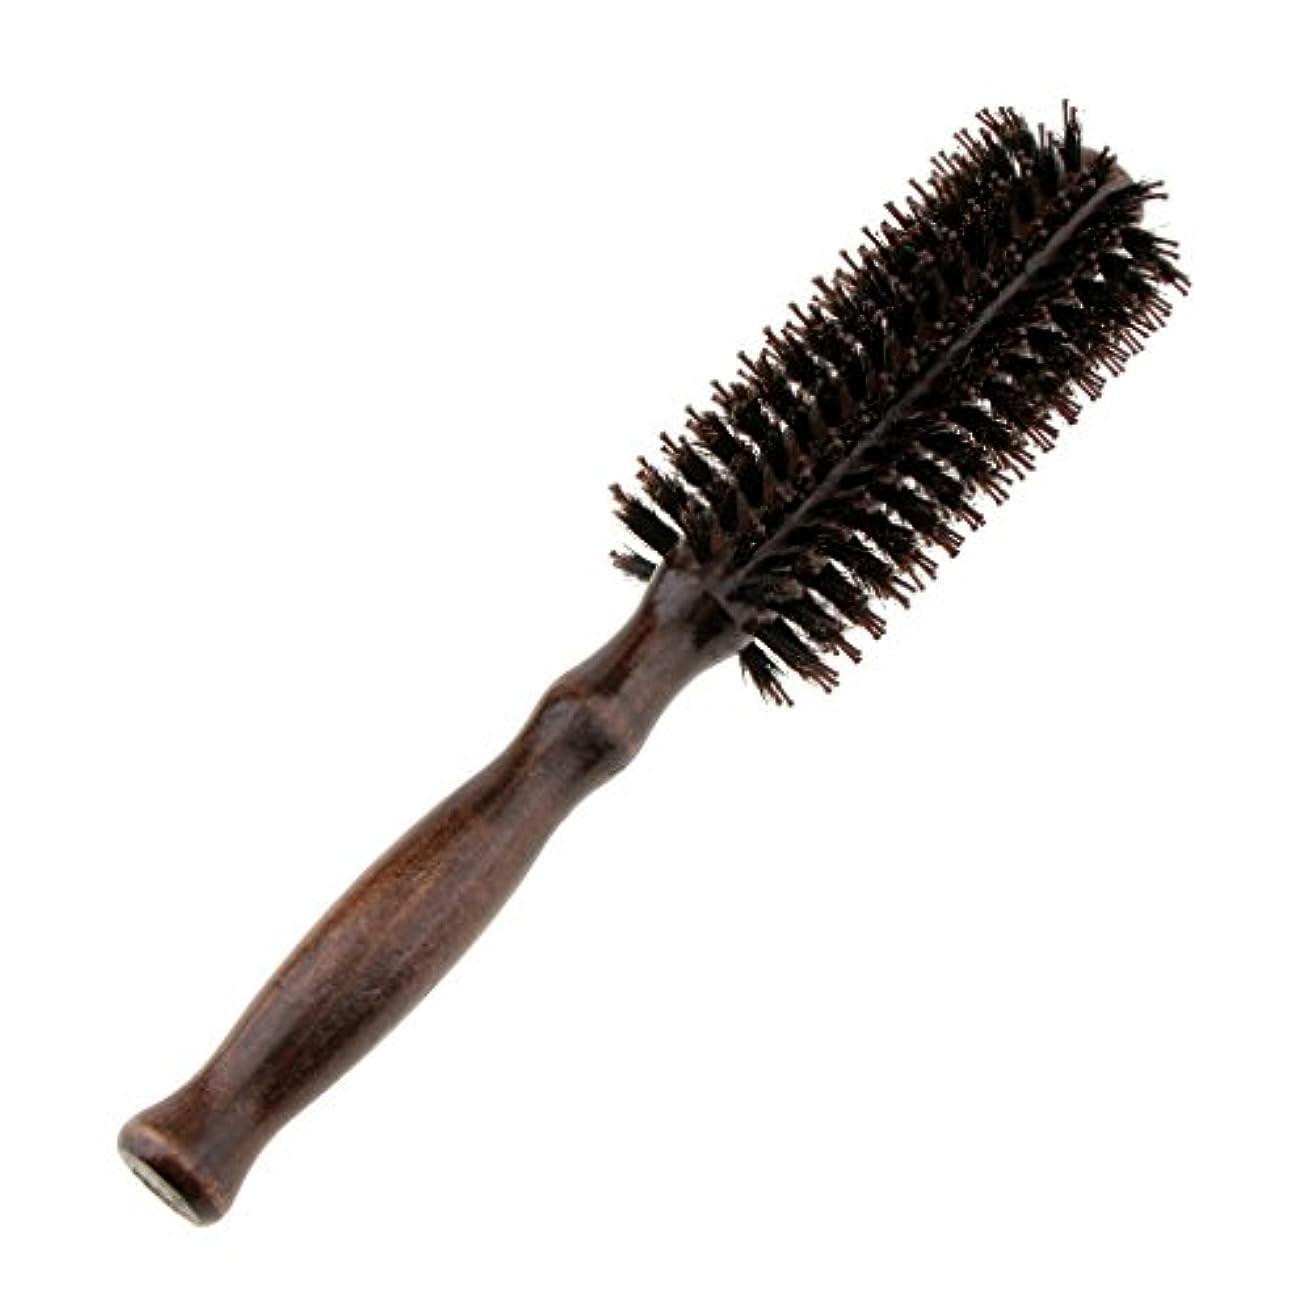 臭いほぼ修復Homyl ロールブラシ ヘアブラシ ラウンド ウッド ハンドル 理髪 美容 カール 2タイプ選べる - #1